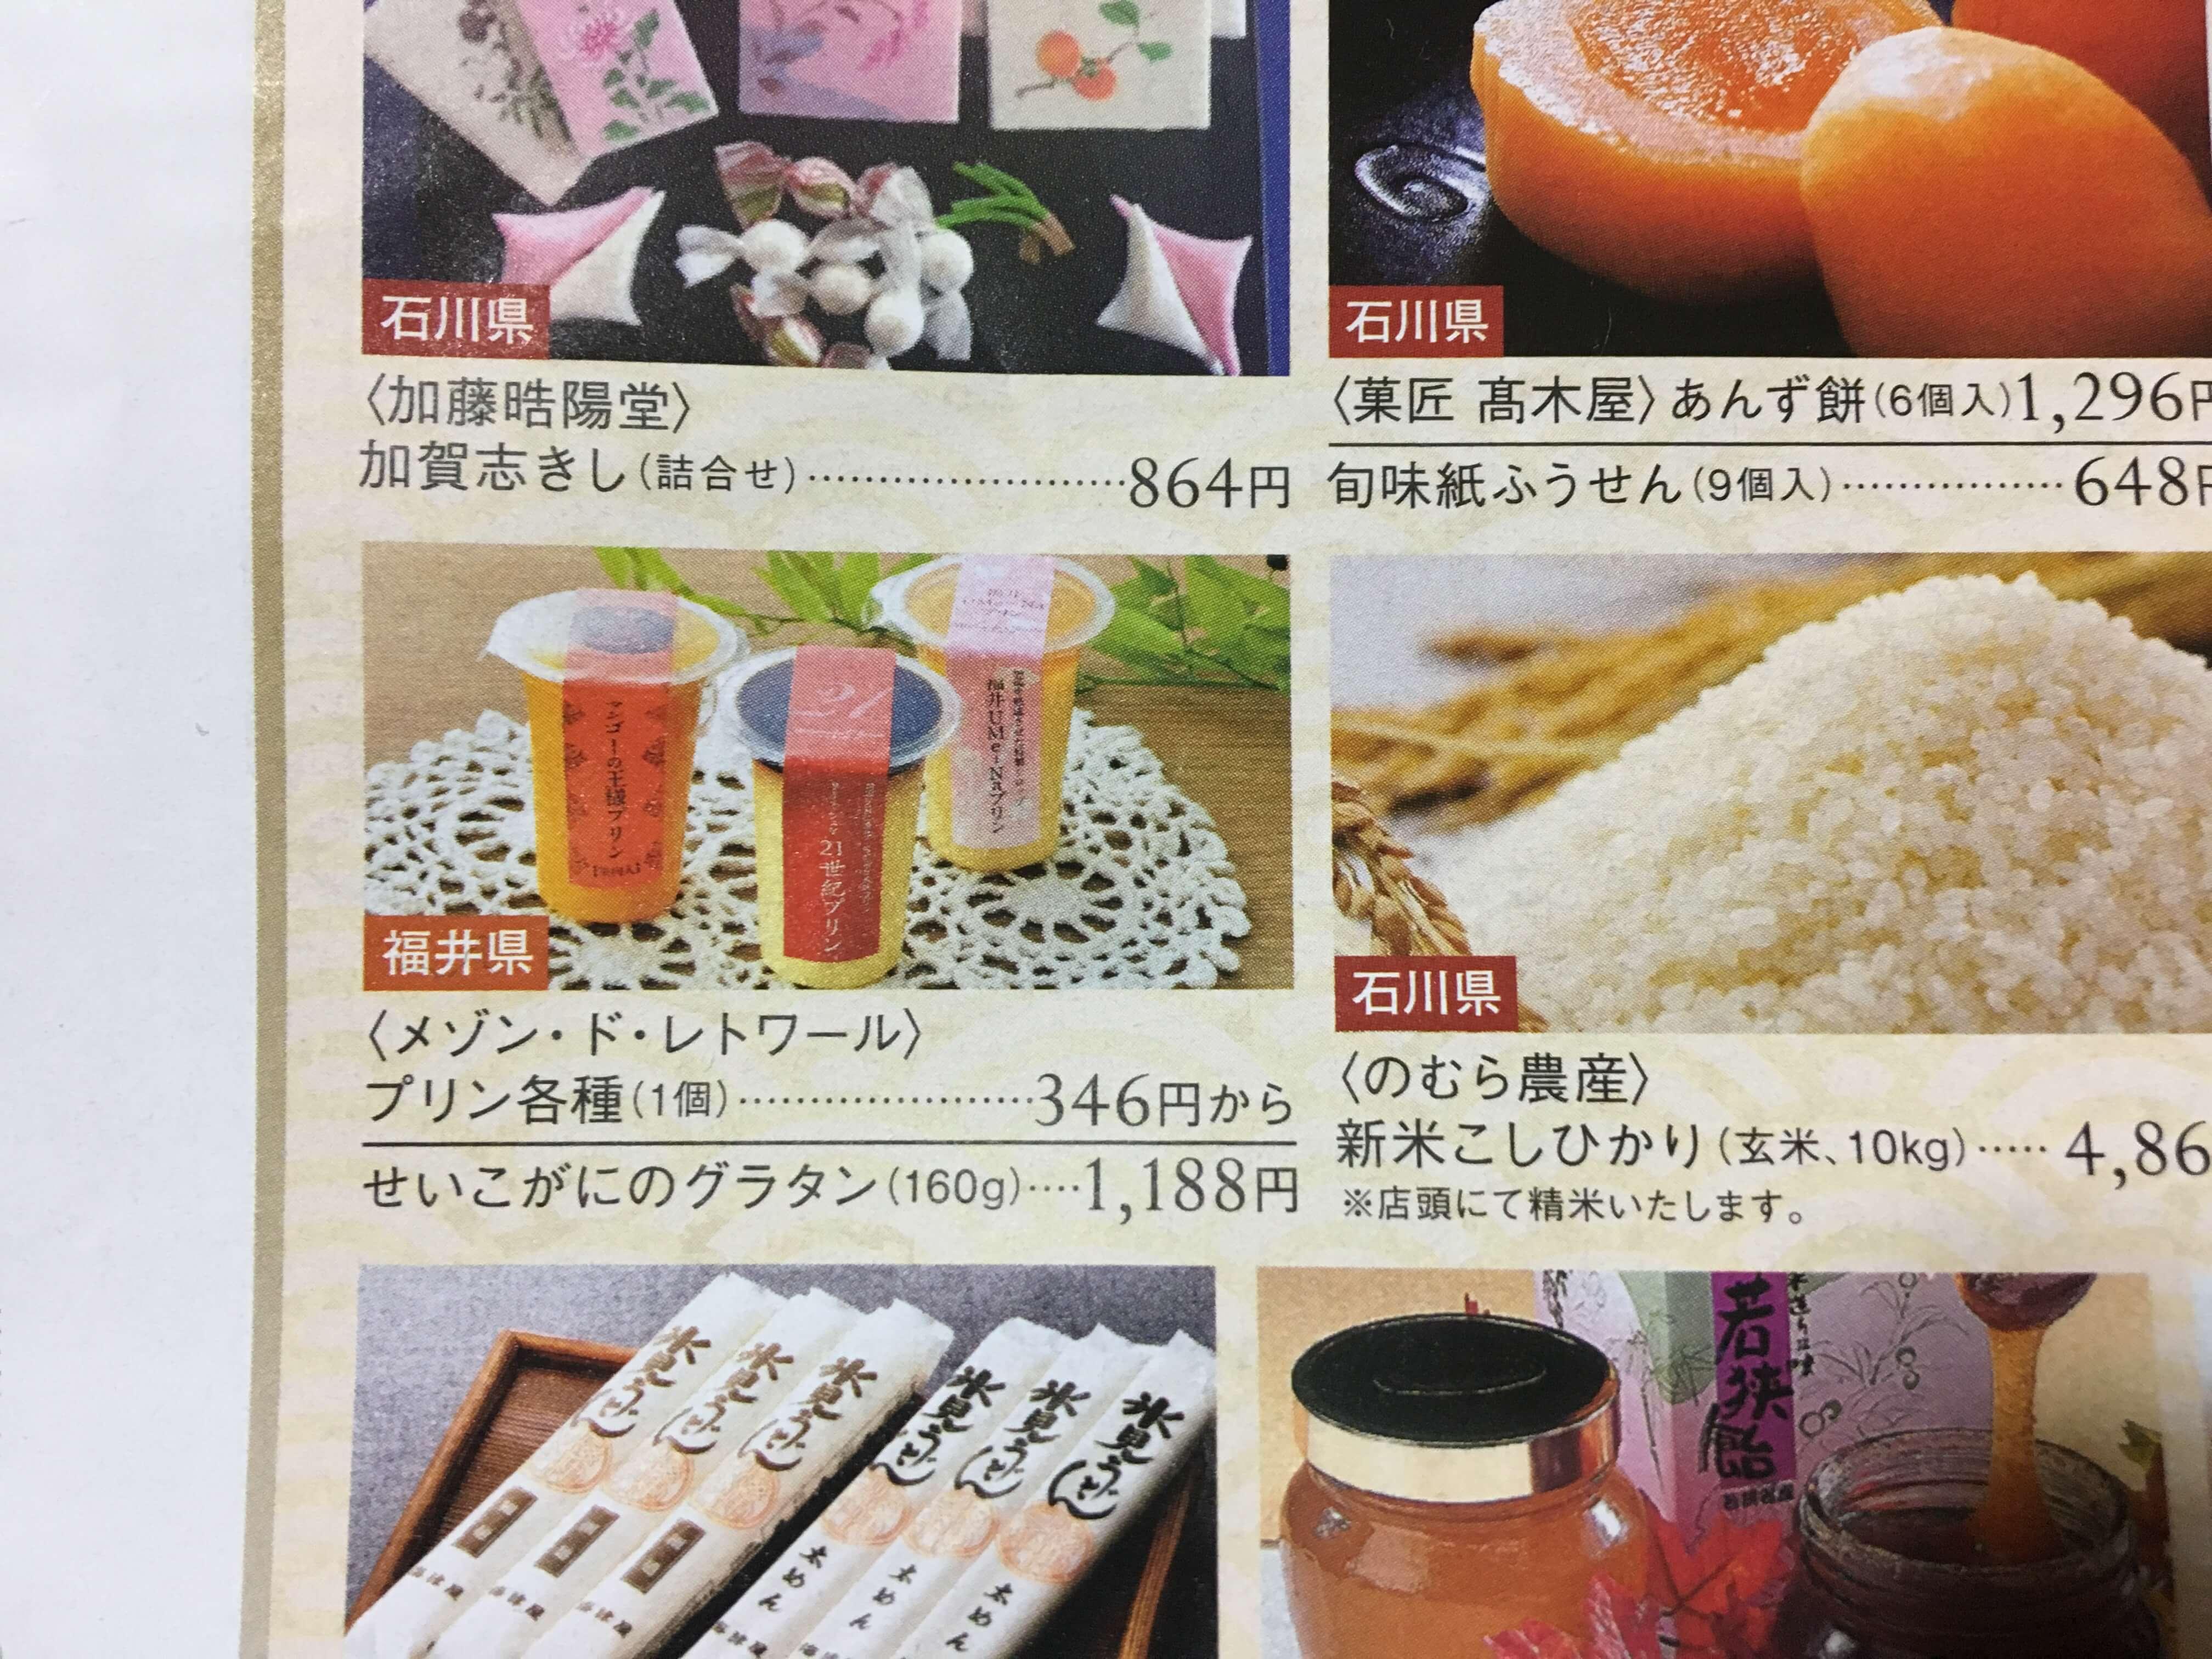 北陸三県 味めぐりには福井県のメゾン・ド・レトワールも出店